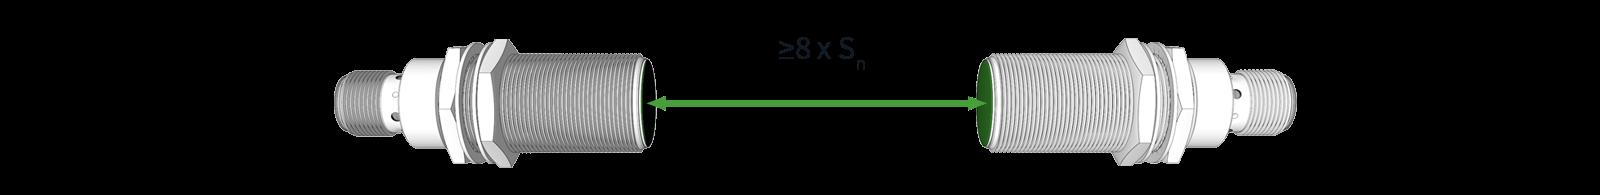 Gegenseitige Beeinflussung bei induktiven Sensoren und deren Abstand